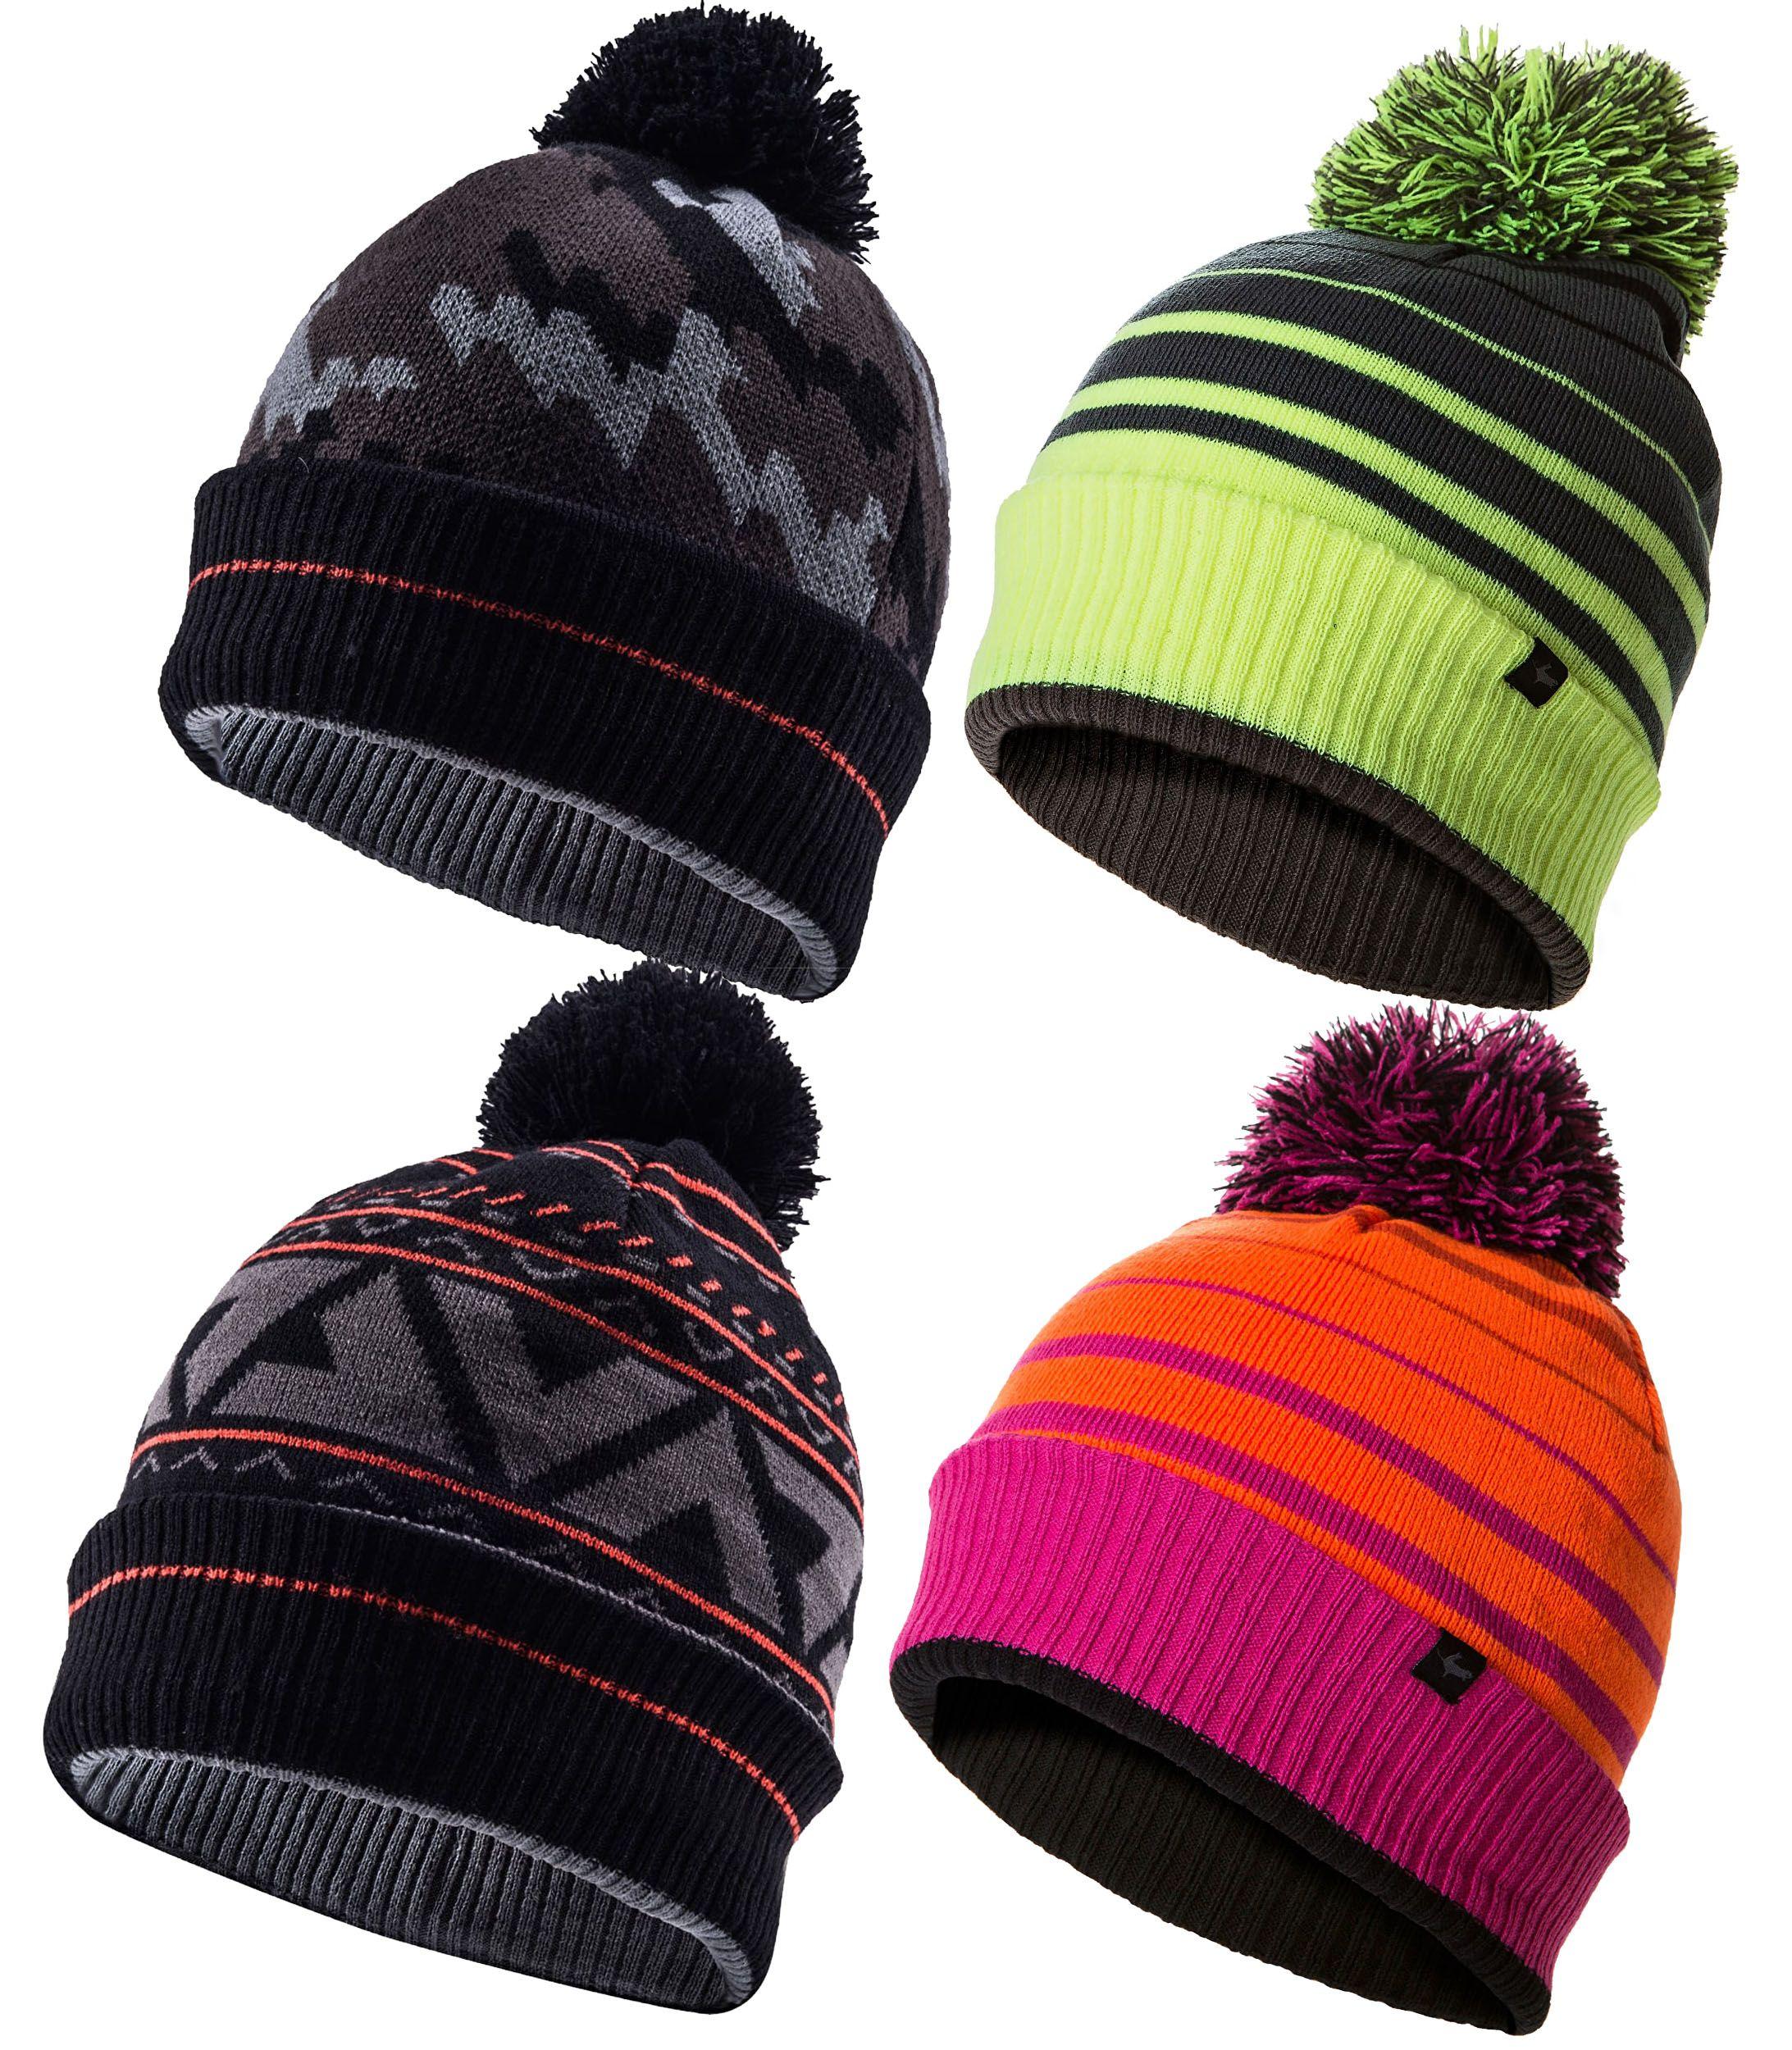 Sealskinz Waterproof Bobble Hat Xxl Only | Headwear